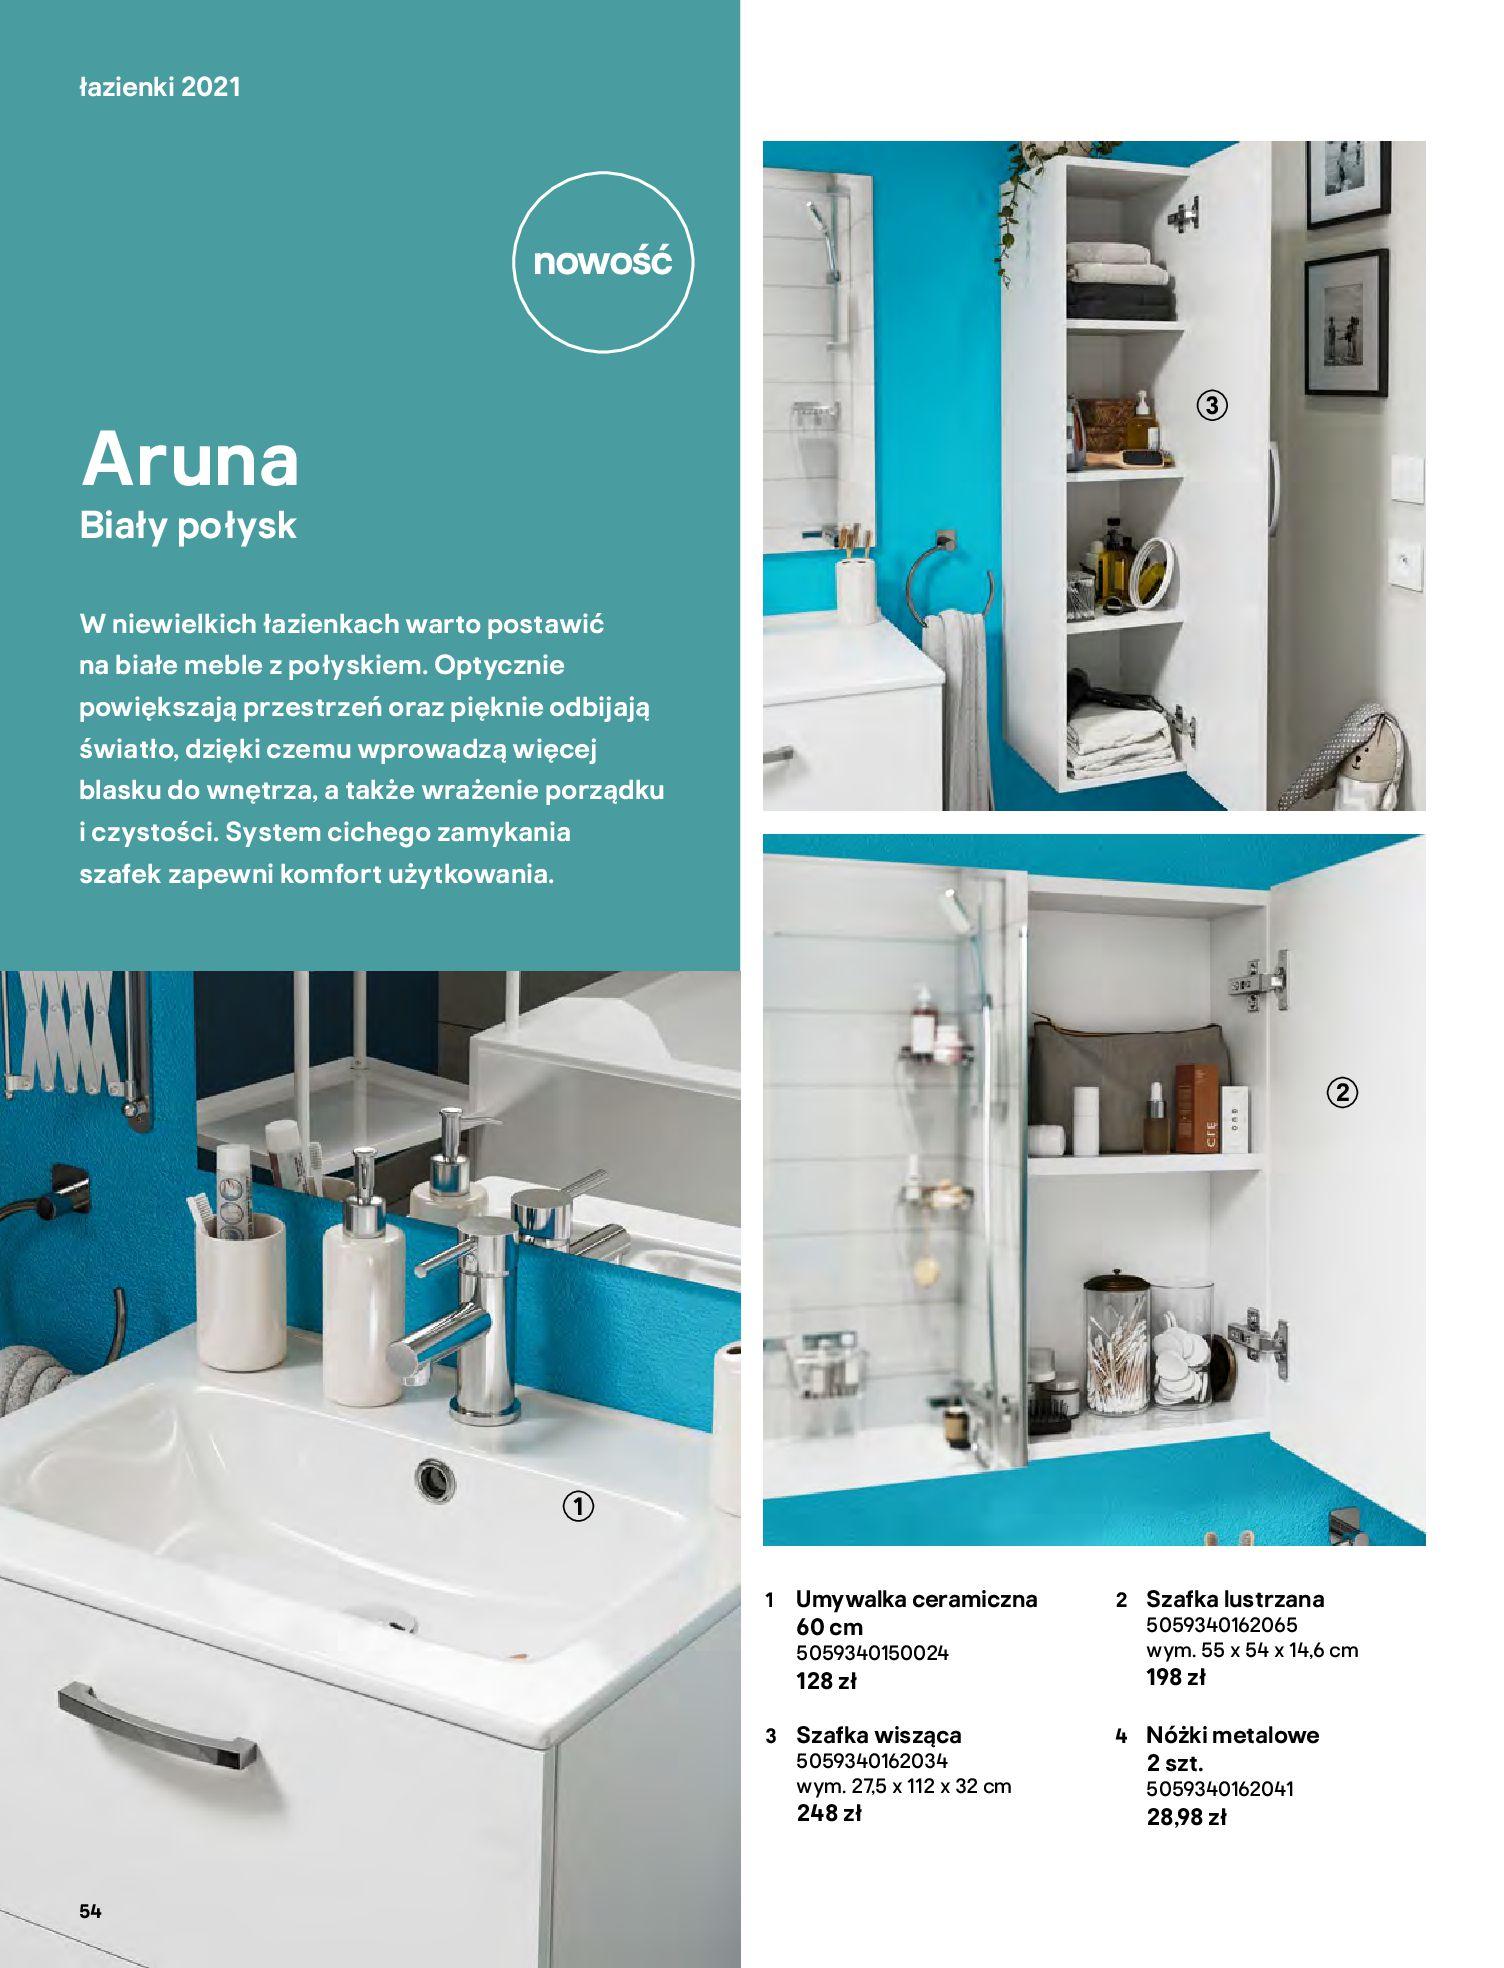 Gazetka Castorama: Gazetka Castorama - katalog łazienki 2021 2021-06-16 page-54